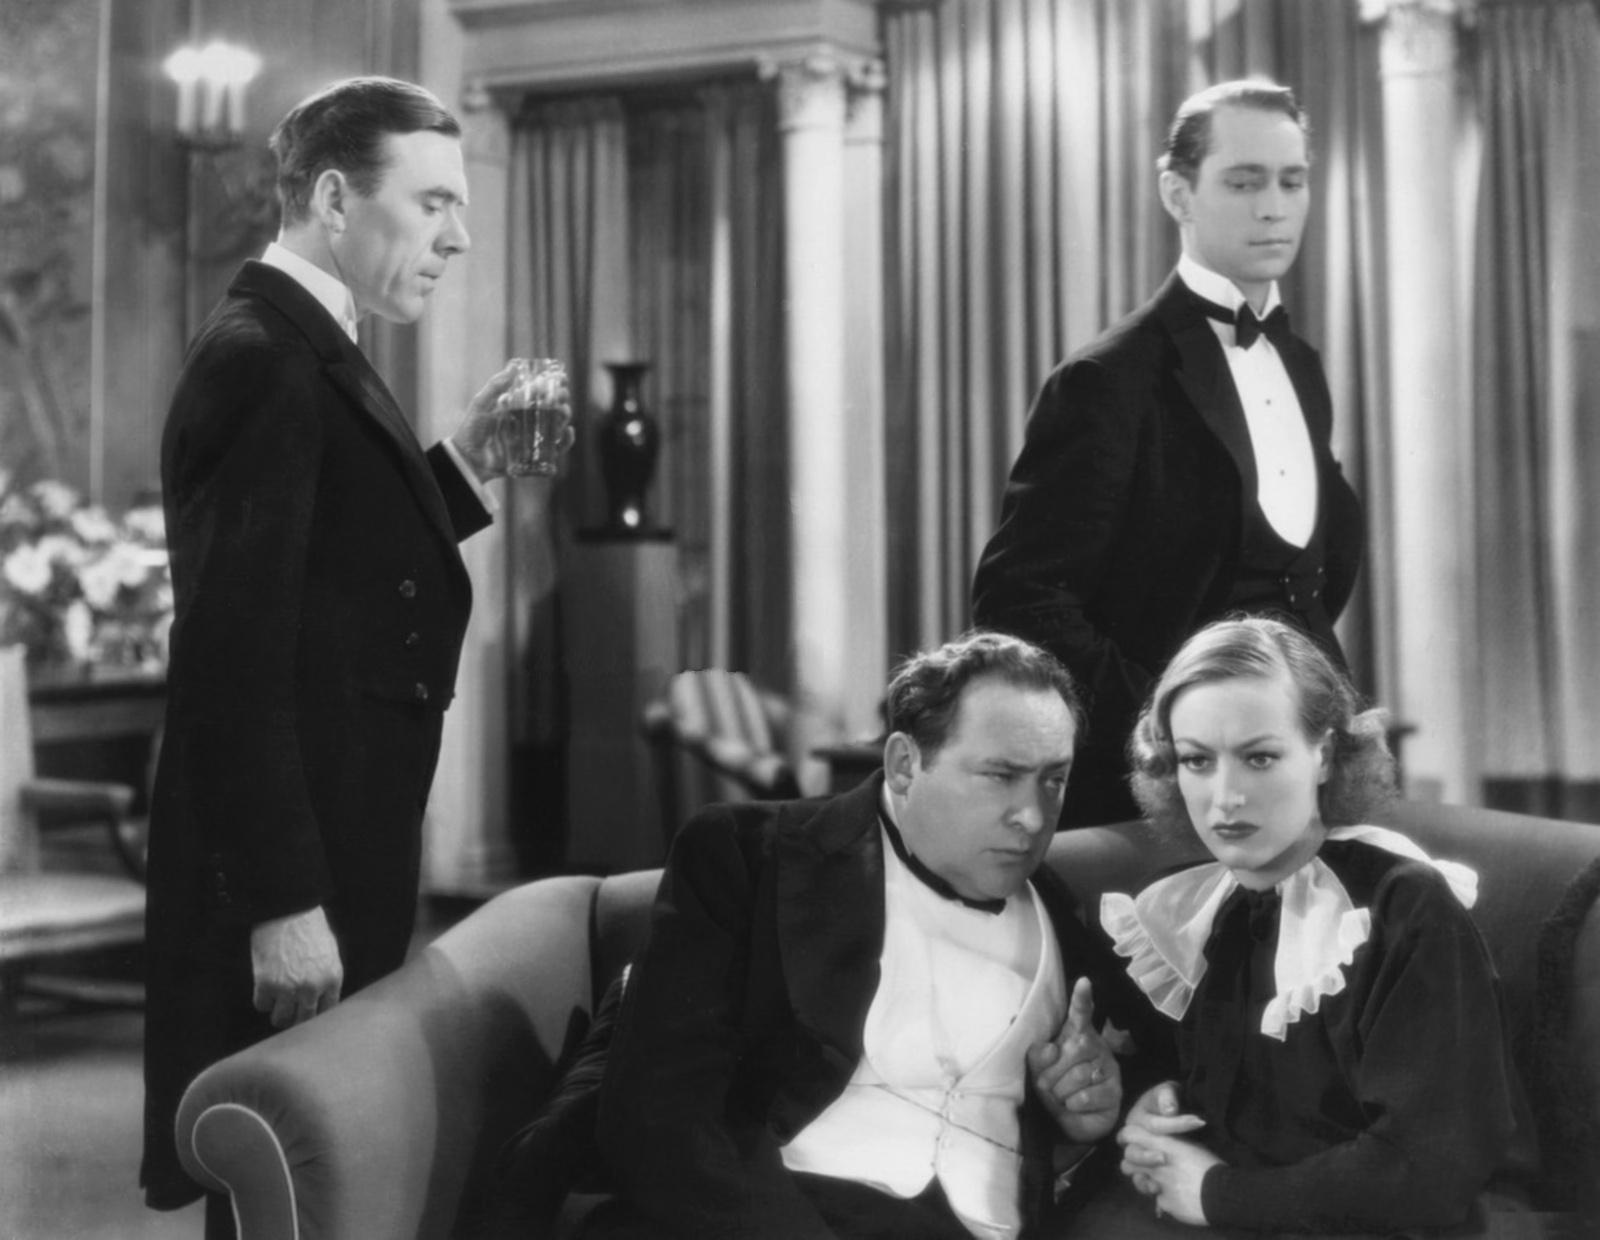 (L to R)  Leo G. Carroll,Edward Arnold,Franchot Tone,Joan Crawford